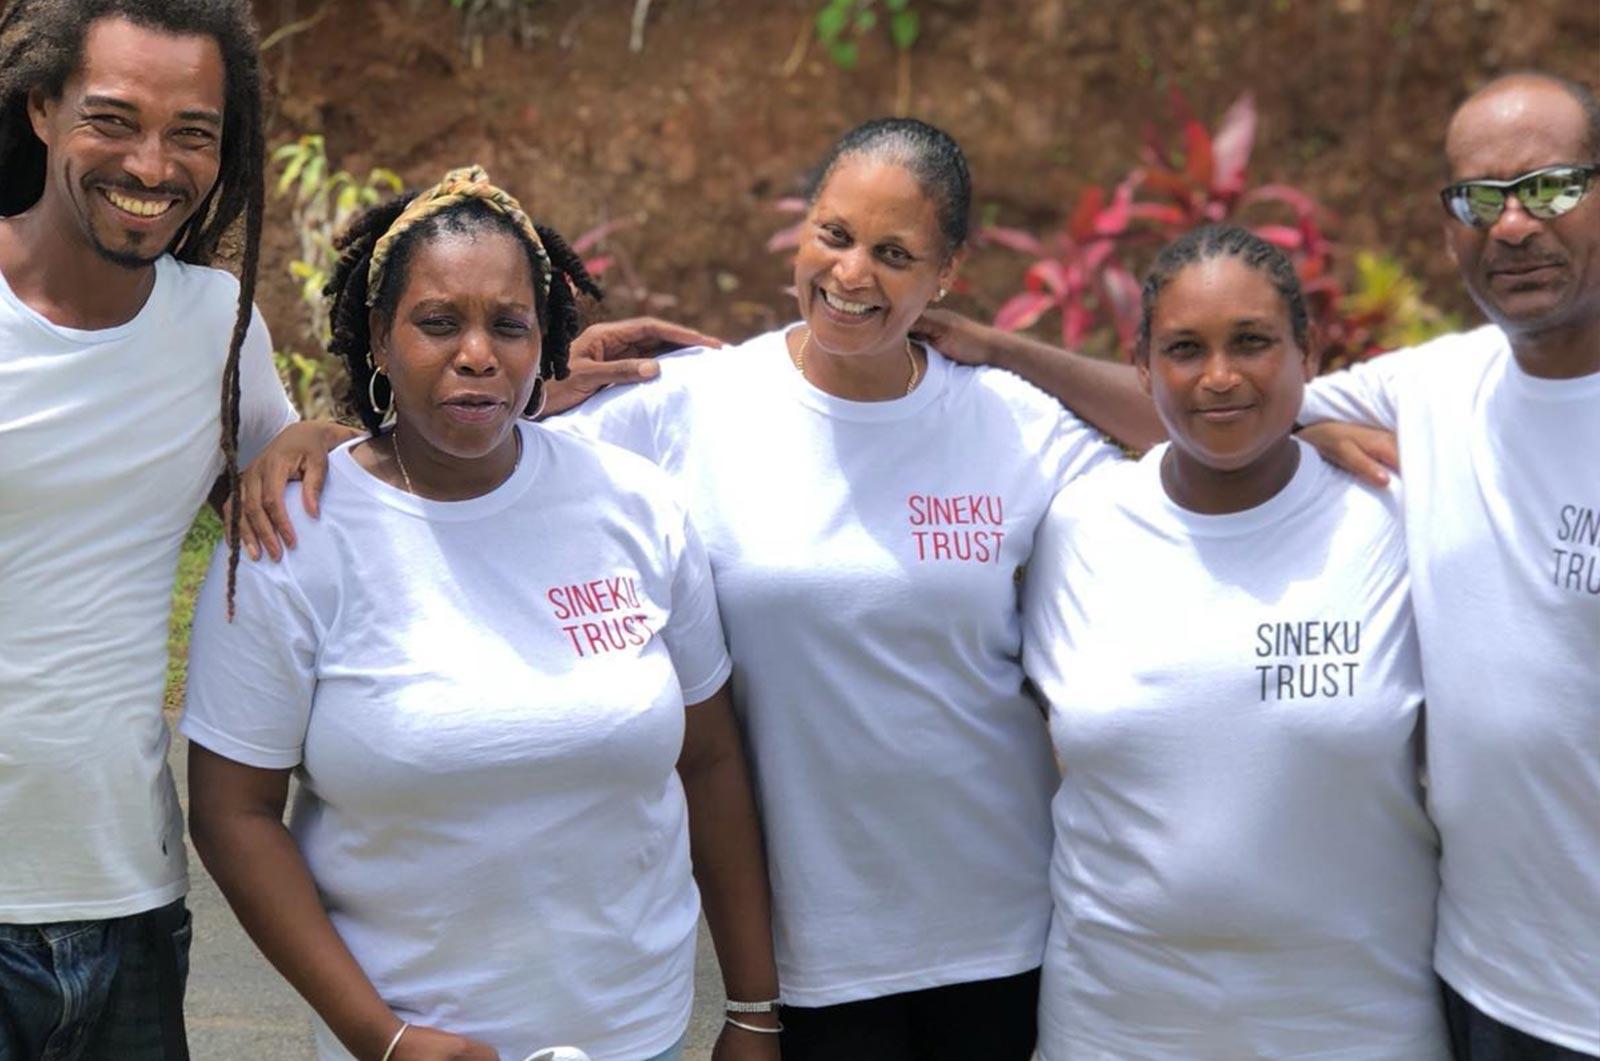 Sineku Trust 2019 Group visit to Dominica